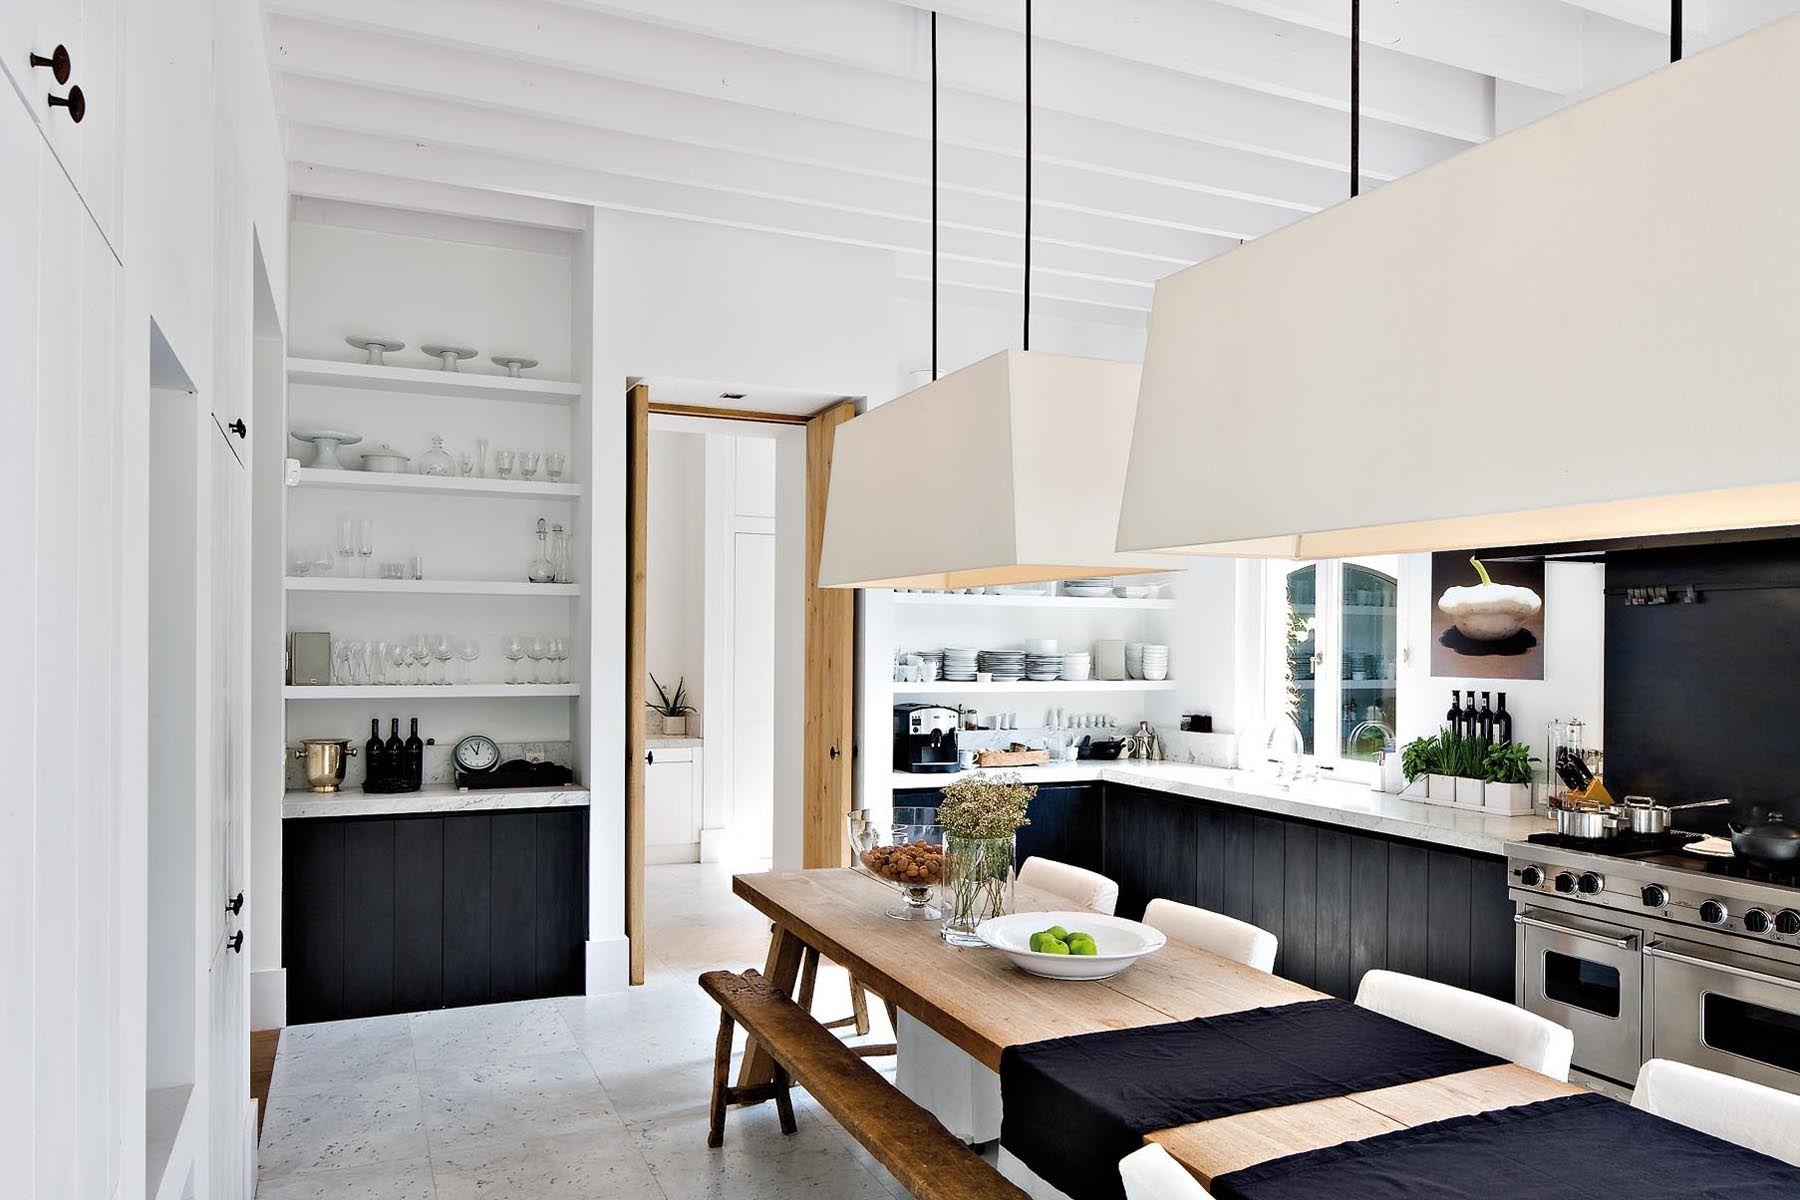 Oscar V Exclusieve Villabouw Renovatie Woonideeen Keuken Interieur Thuisdecoratie